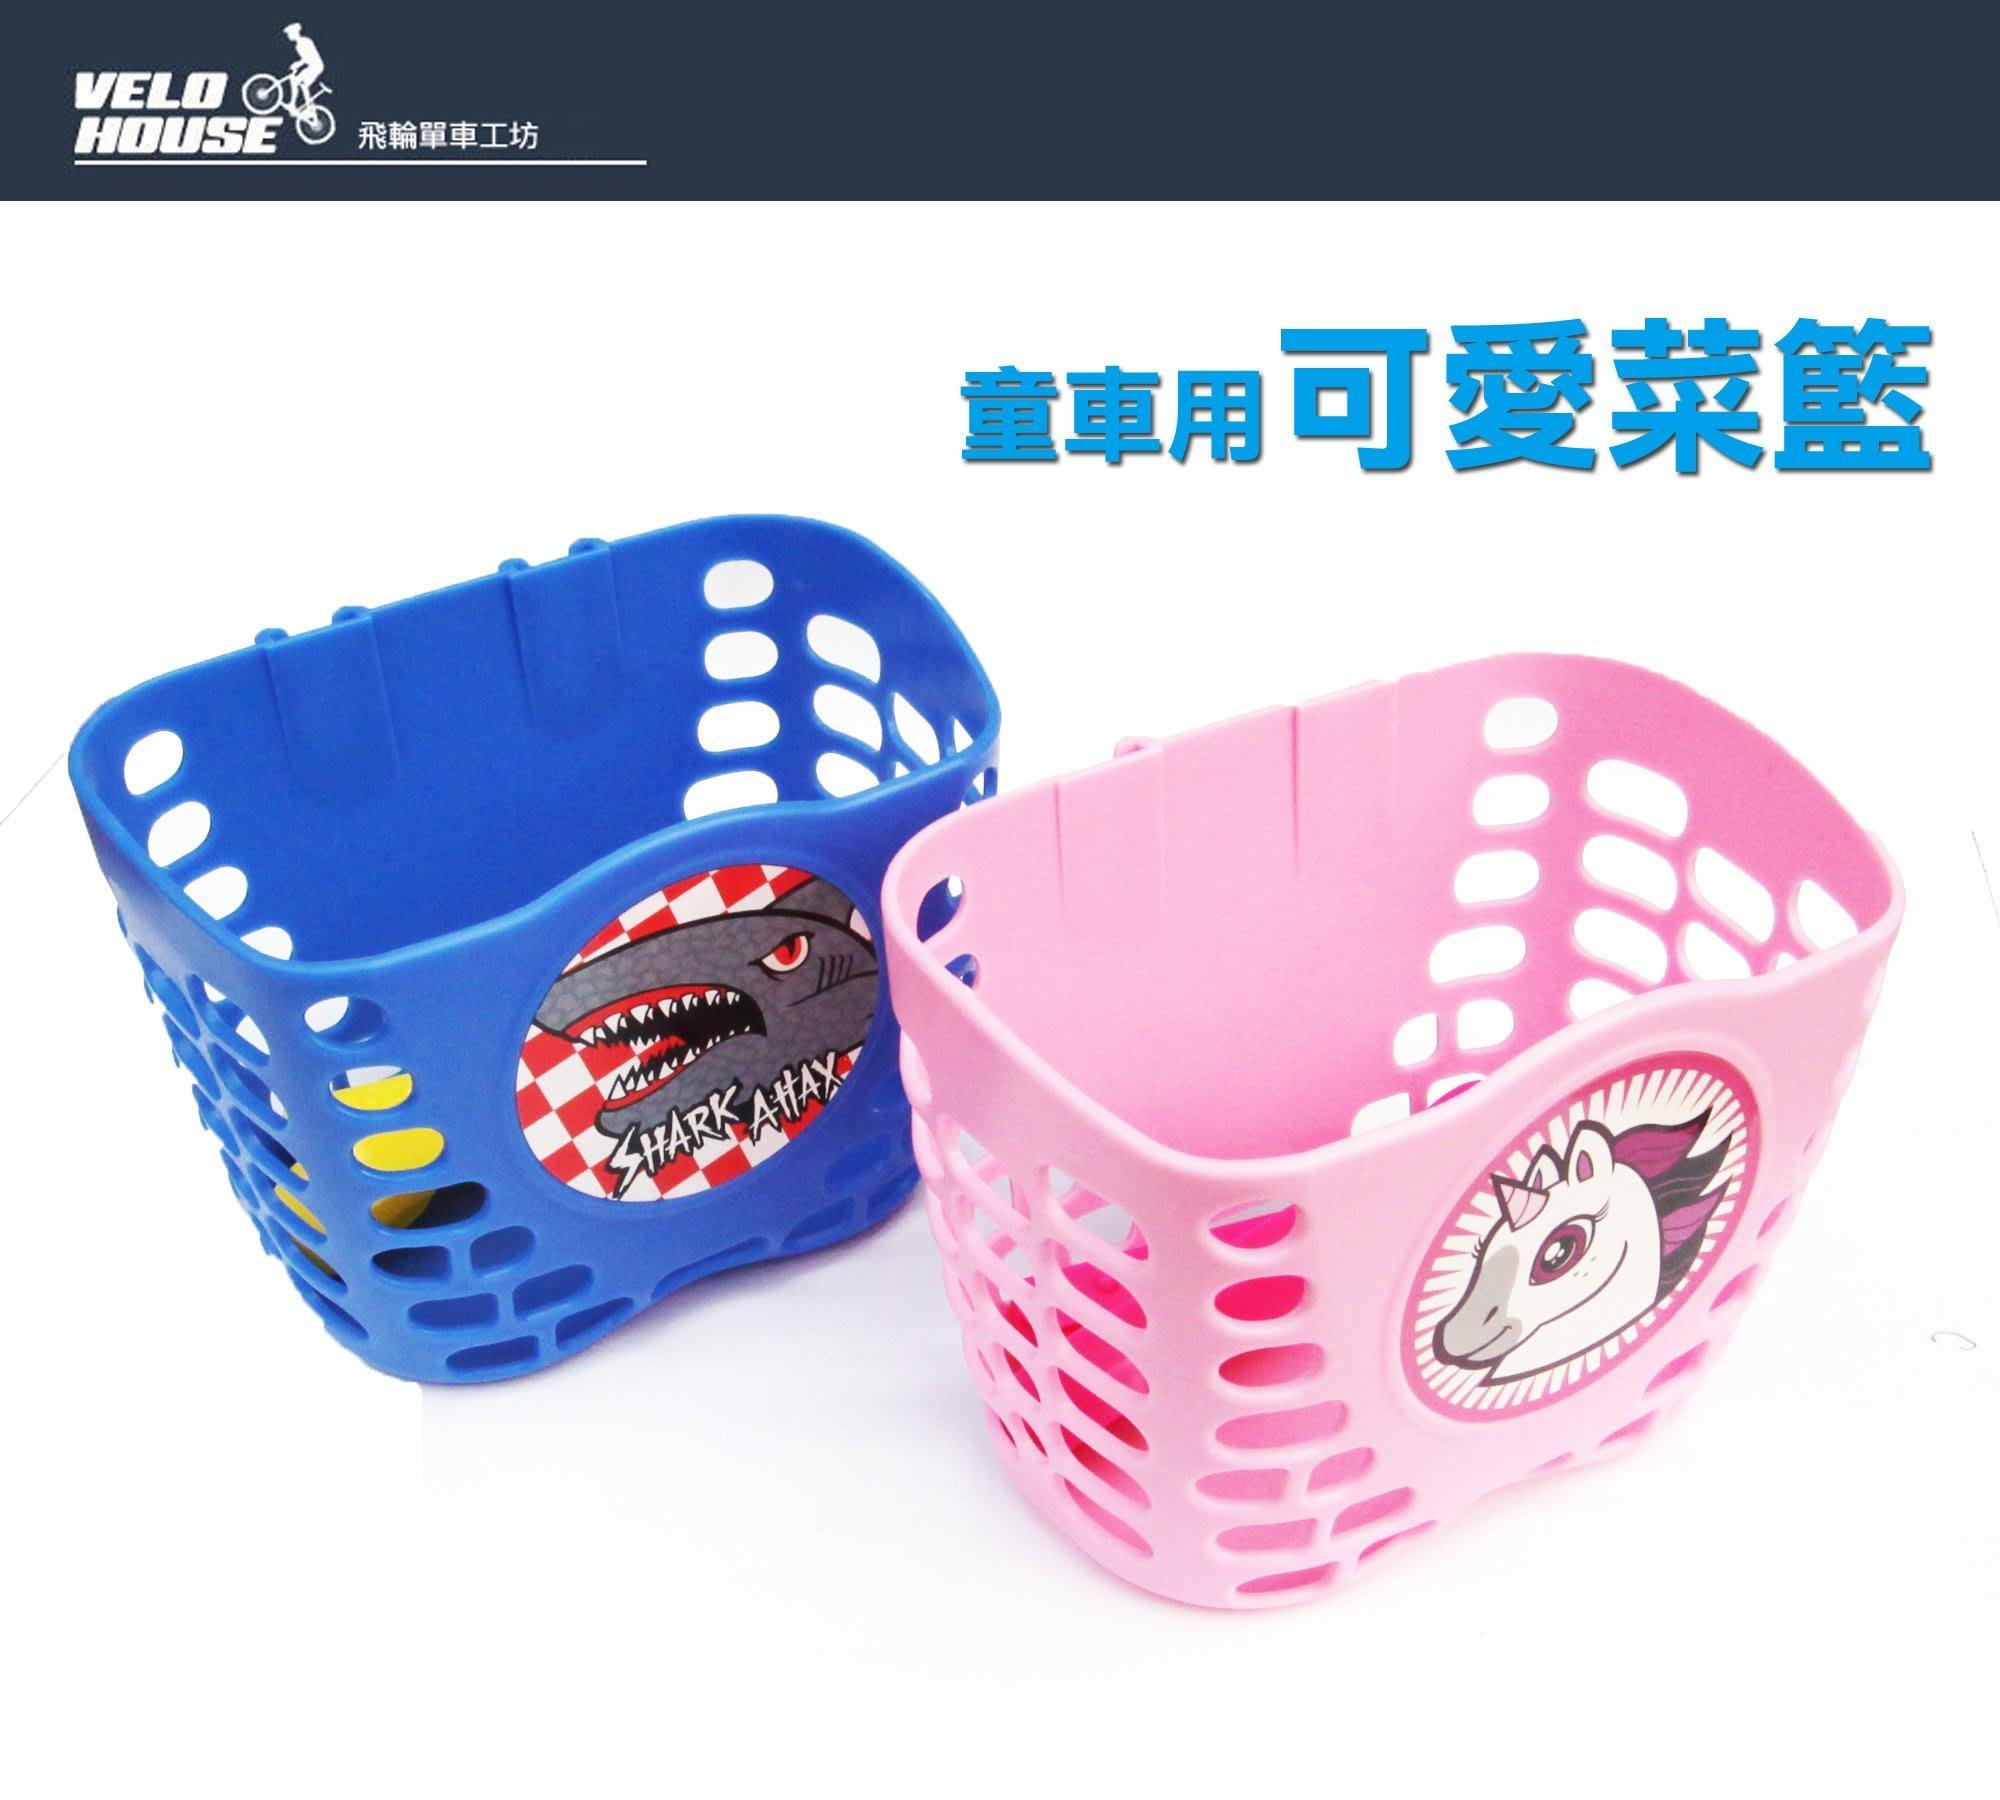 【飛輪單車】童車用菜籃 可愛小籃子 兒童車專用車前籃 -附手把掛勾(兩色選擇)